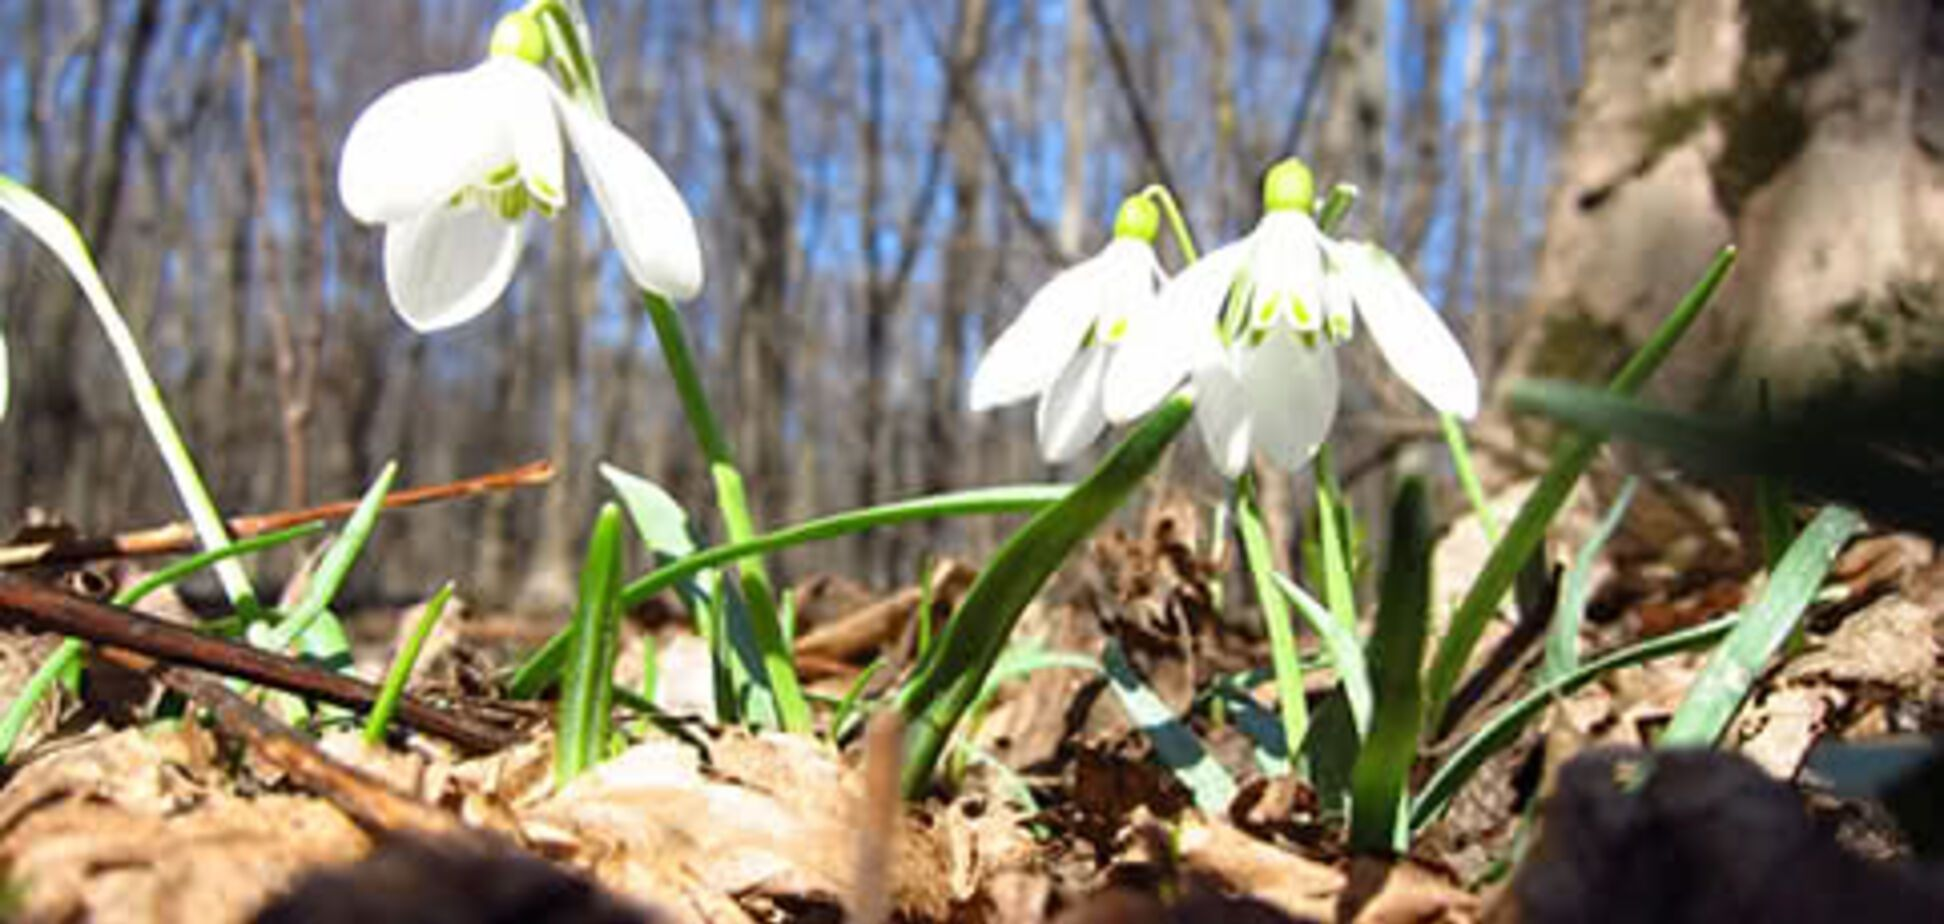 З'явився прогноз погоди на весну в Україні: думки синоптиків розділилися